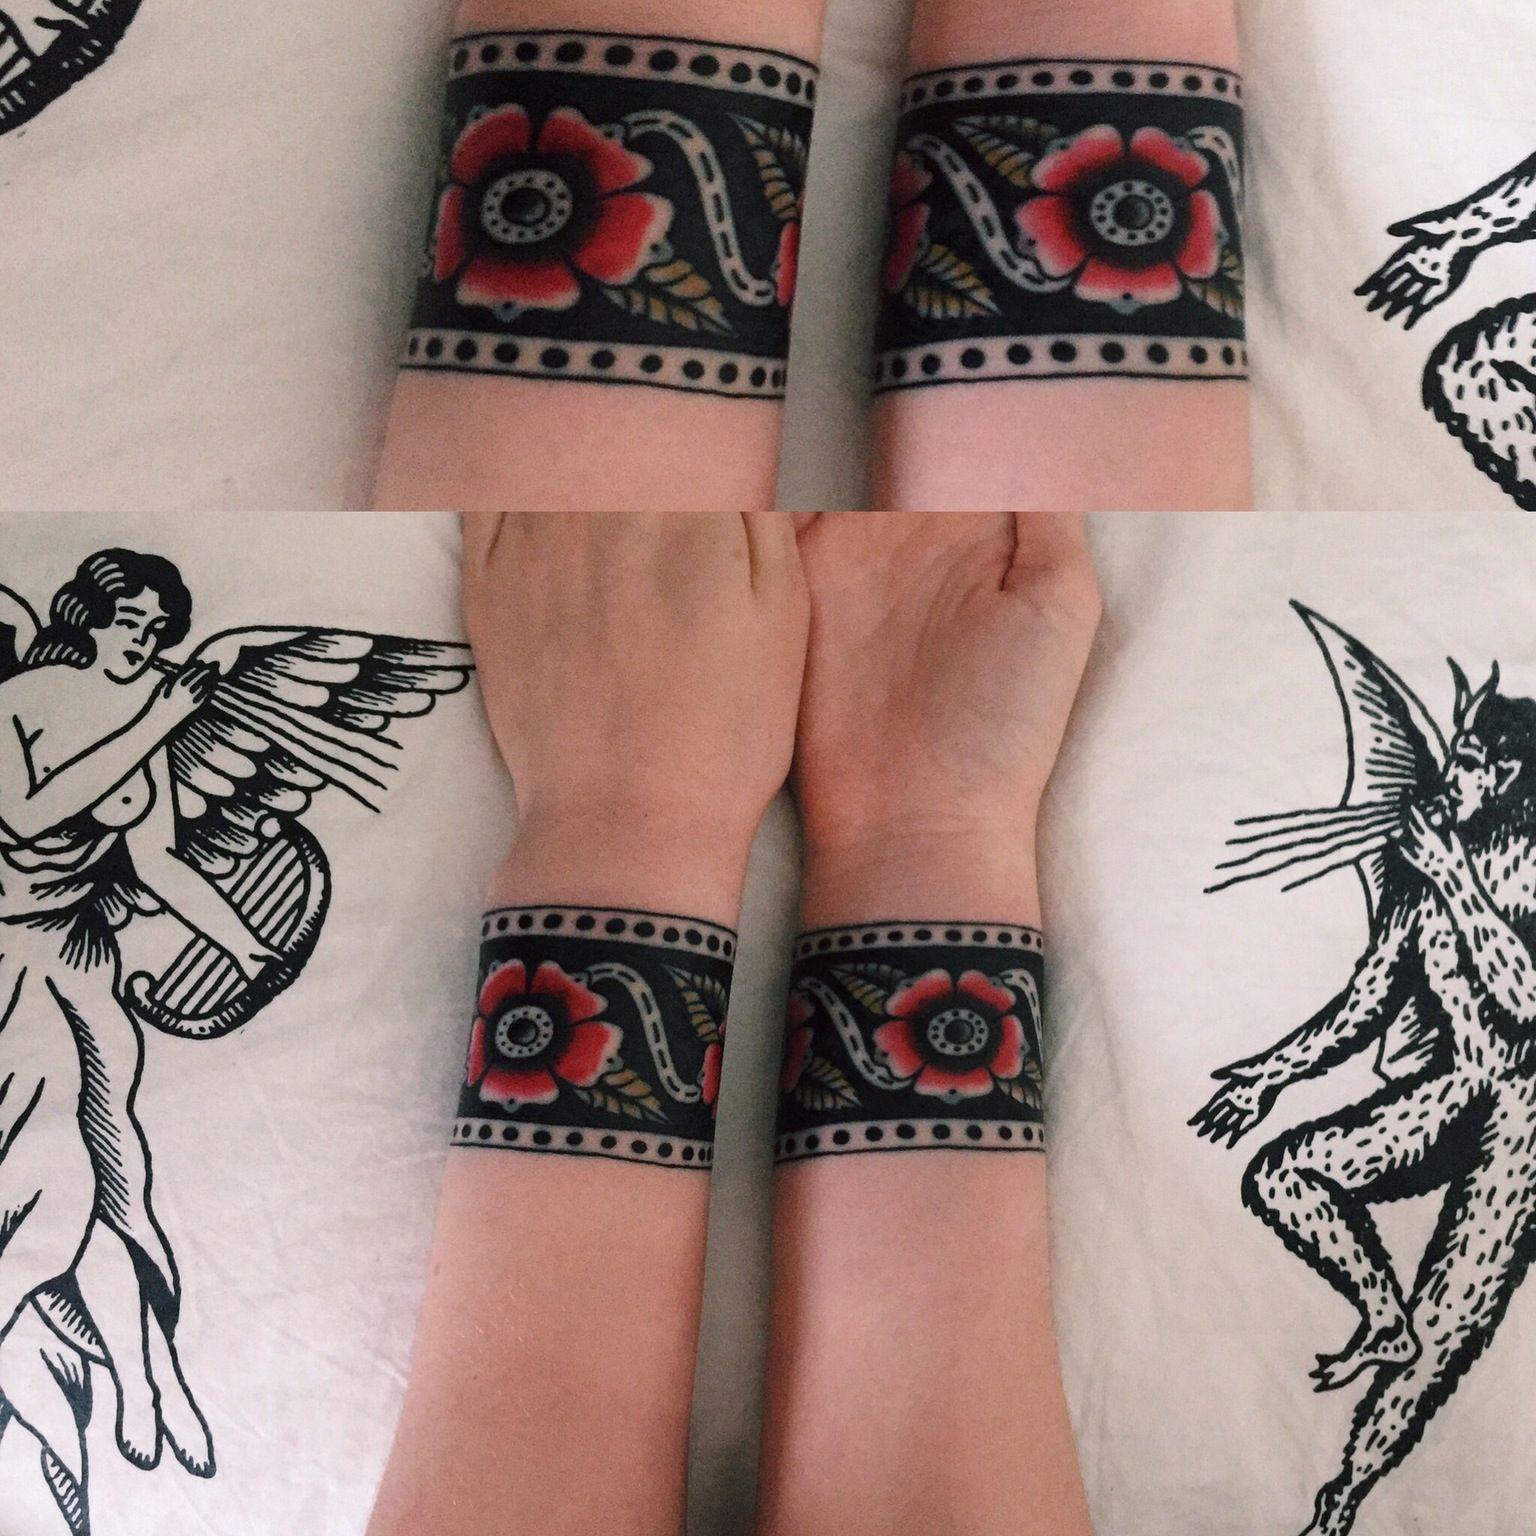 E1a92ca76a5040d988047363f5b529cb 1536 1536 Traditional Tattoo Wrist Cuff Tattoo Wrist Ankle Cuff Tattoo